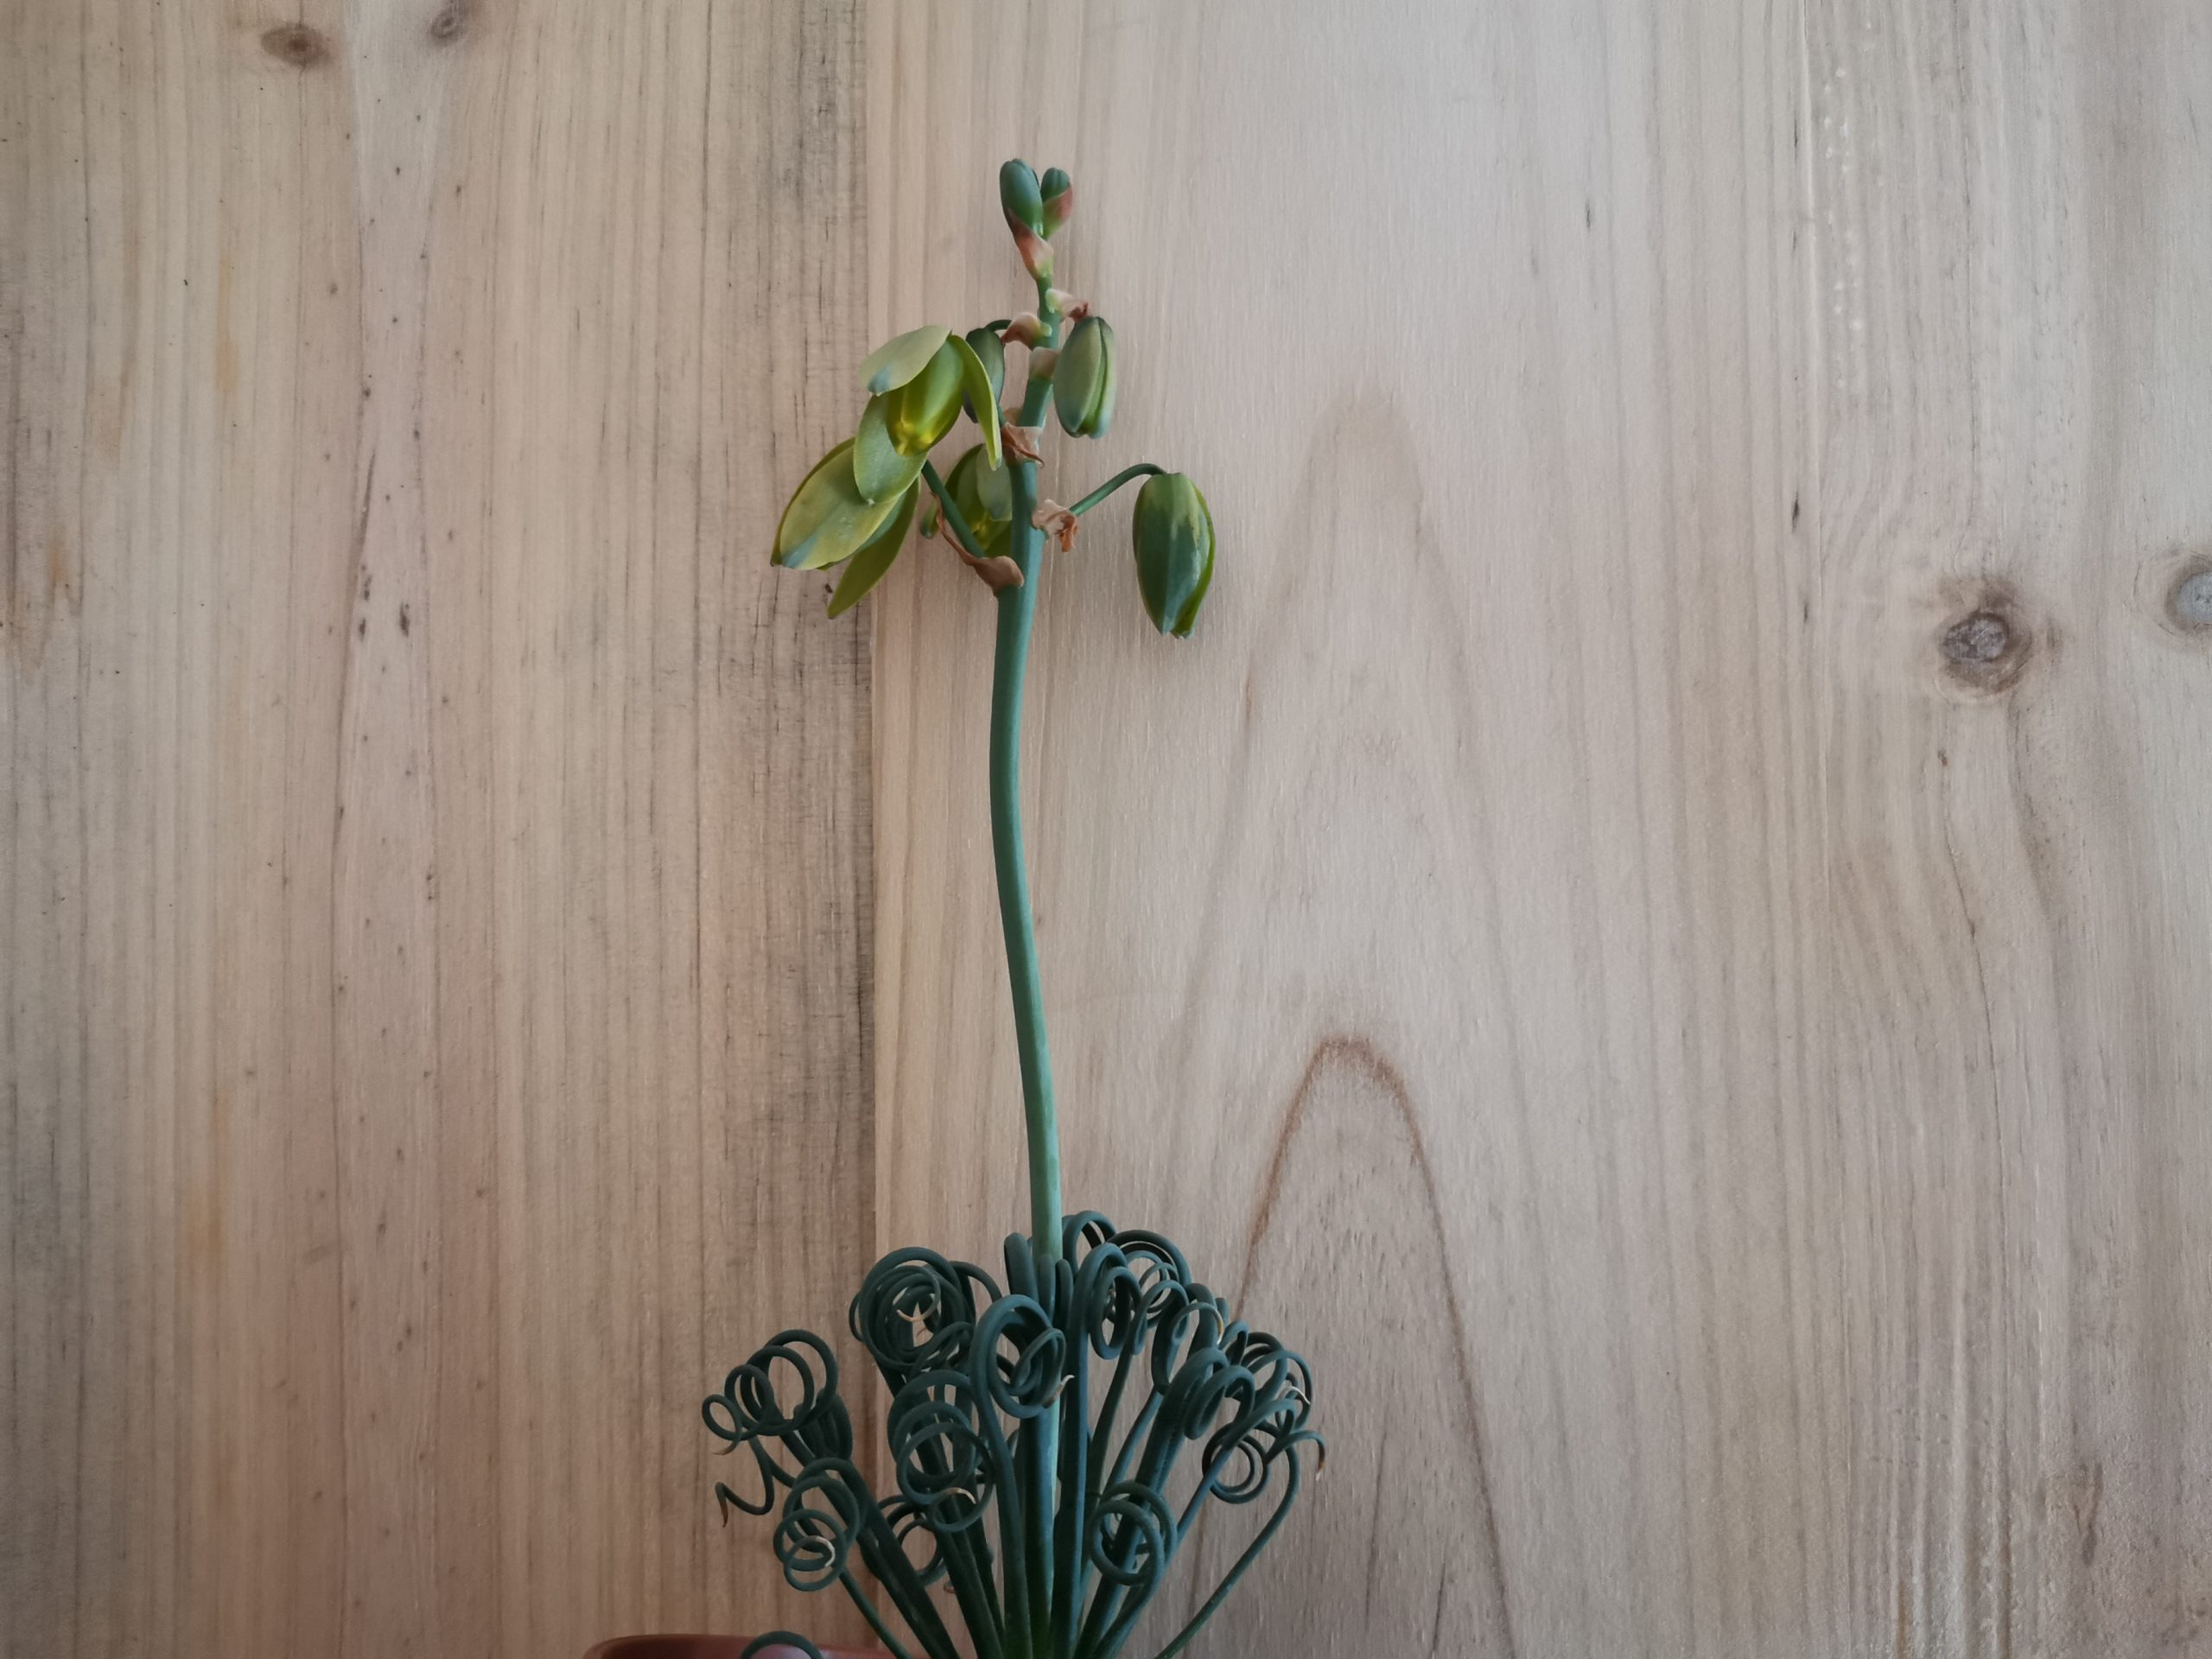 Fichas de plantas, albuca Spiralis